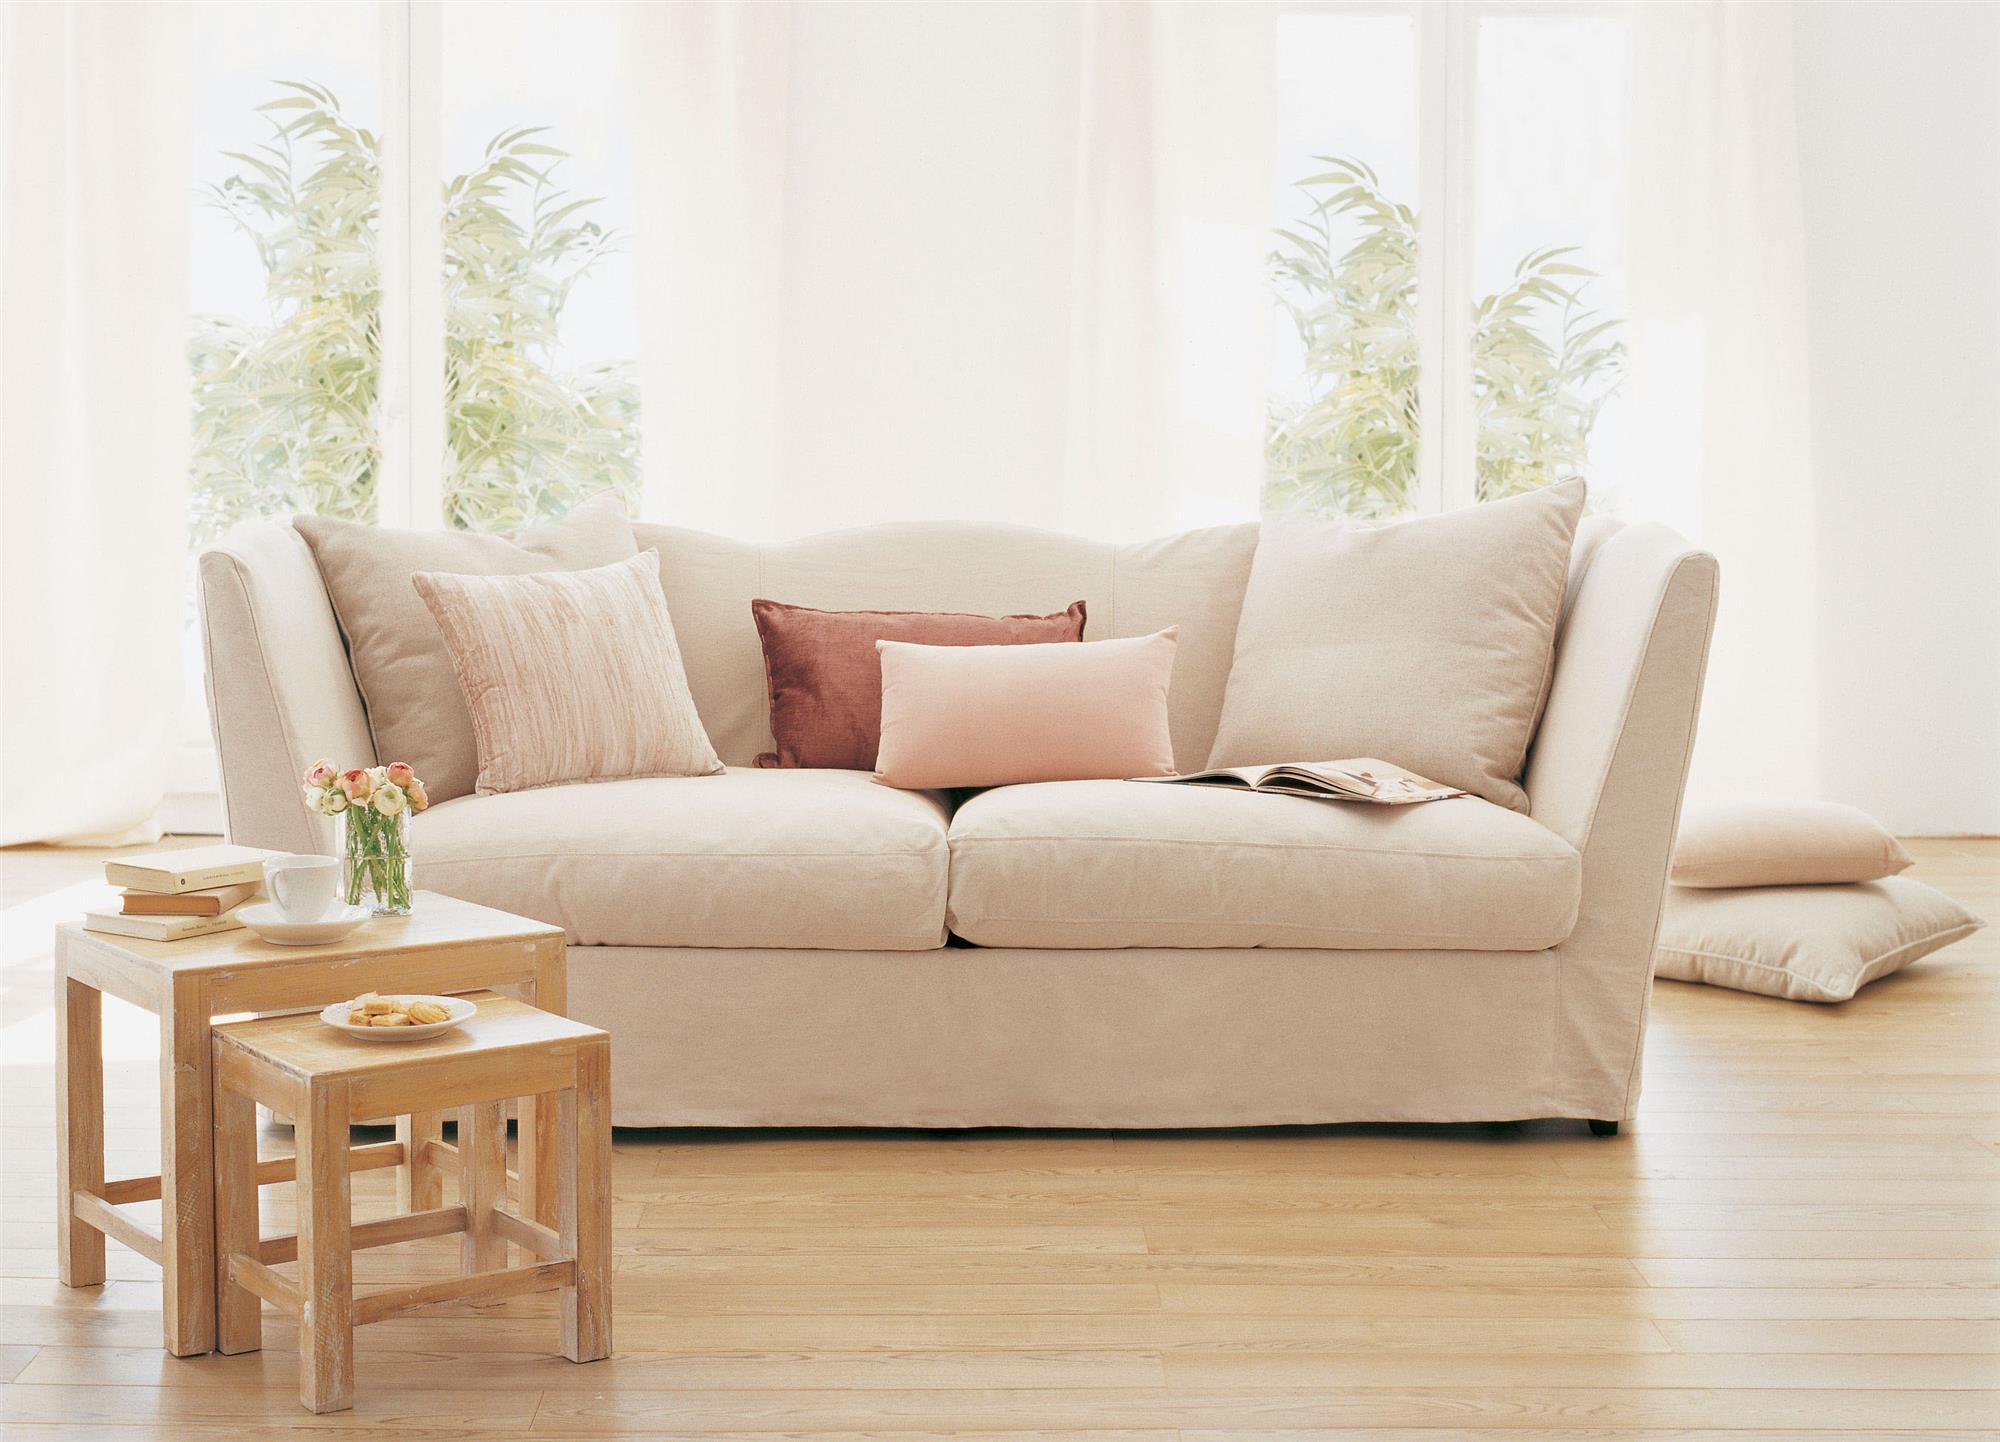 Fundas de sof las mejores soluciones ajustables para - Funda sofa manstad ...